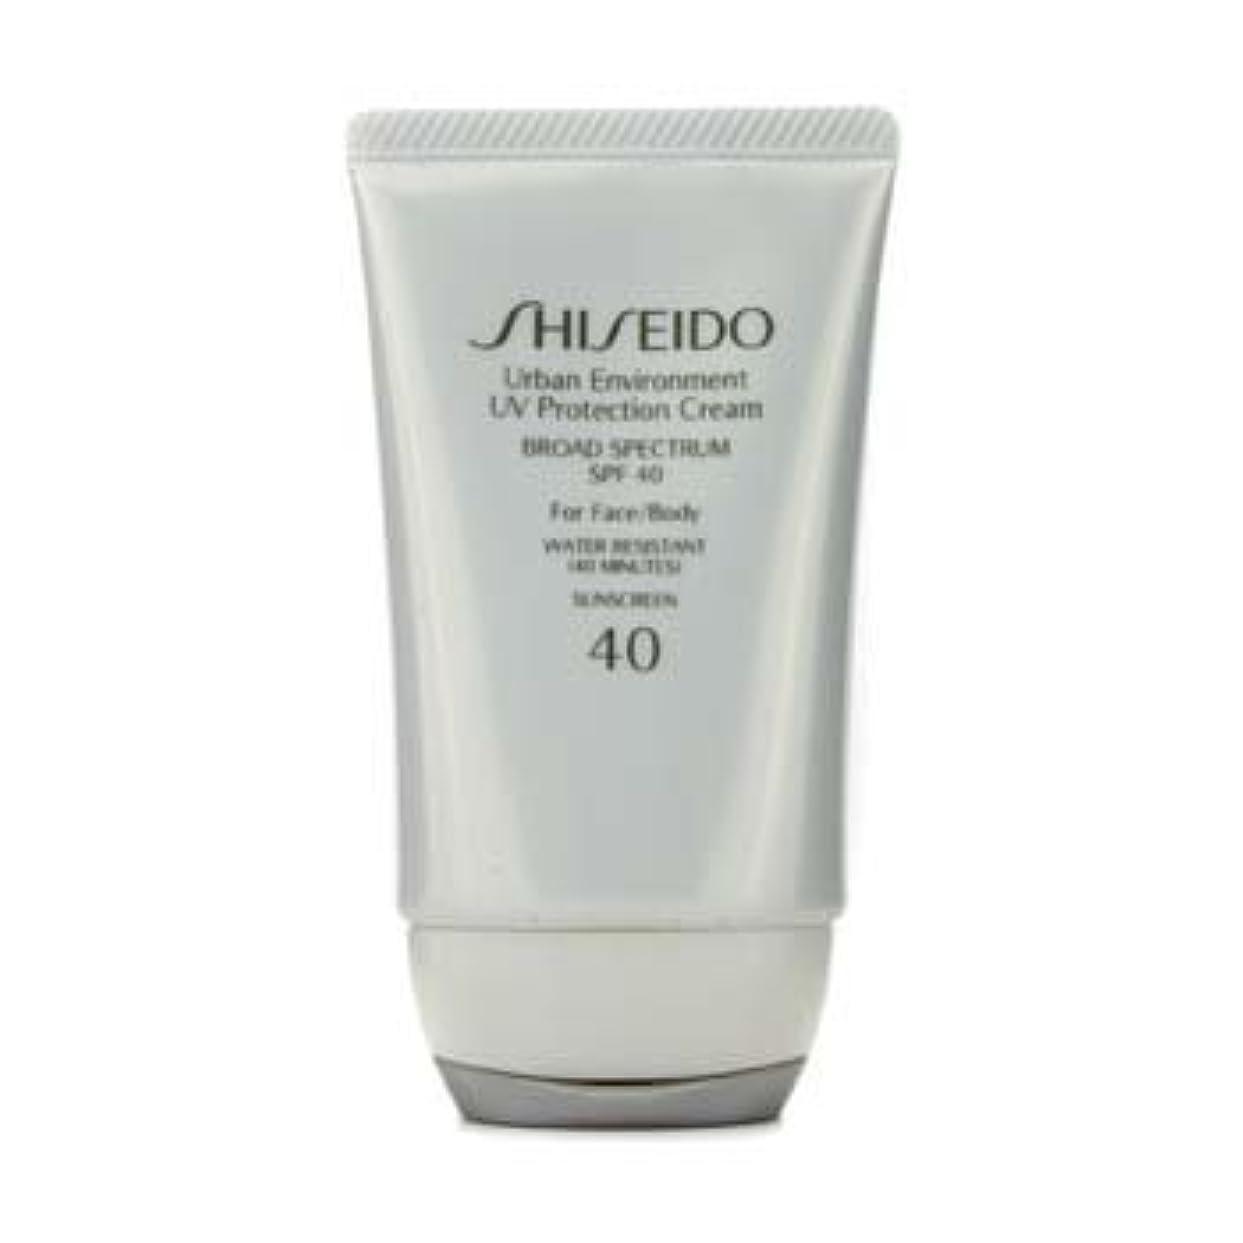 化学薬品合計ボウルShiseido Urban Environment UV Protection Cream SPF 40 (For Face & Body) - 50ml/1.9oz by Shiseido [並行輸入品]